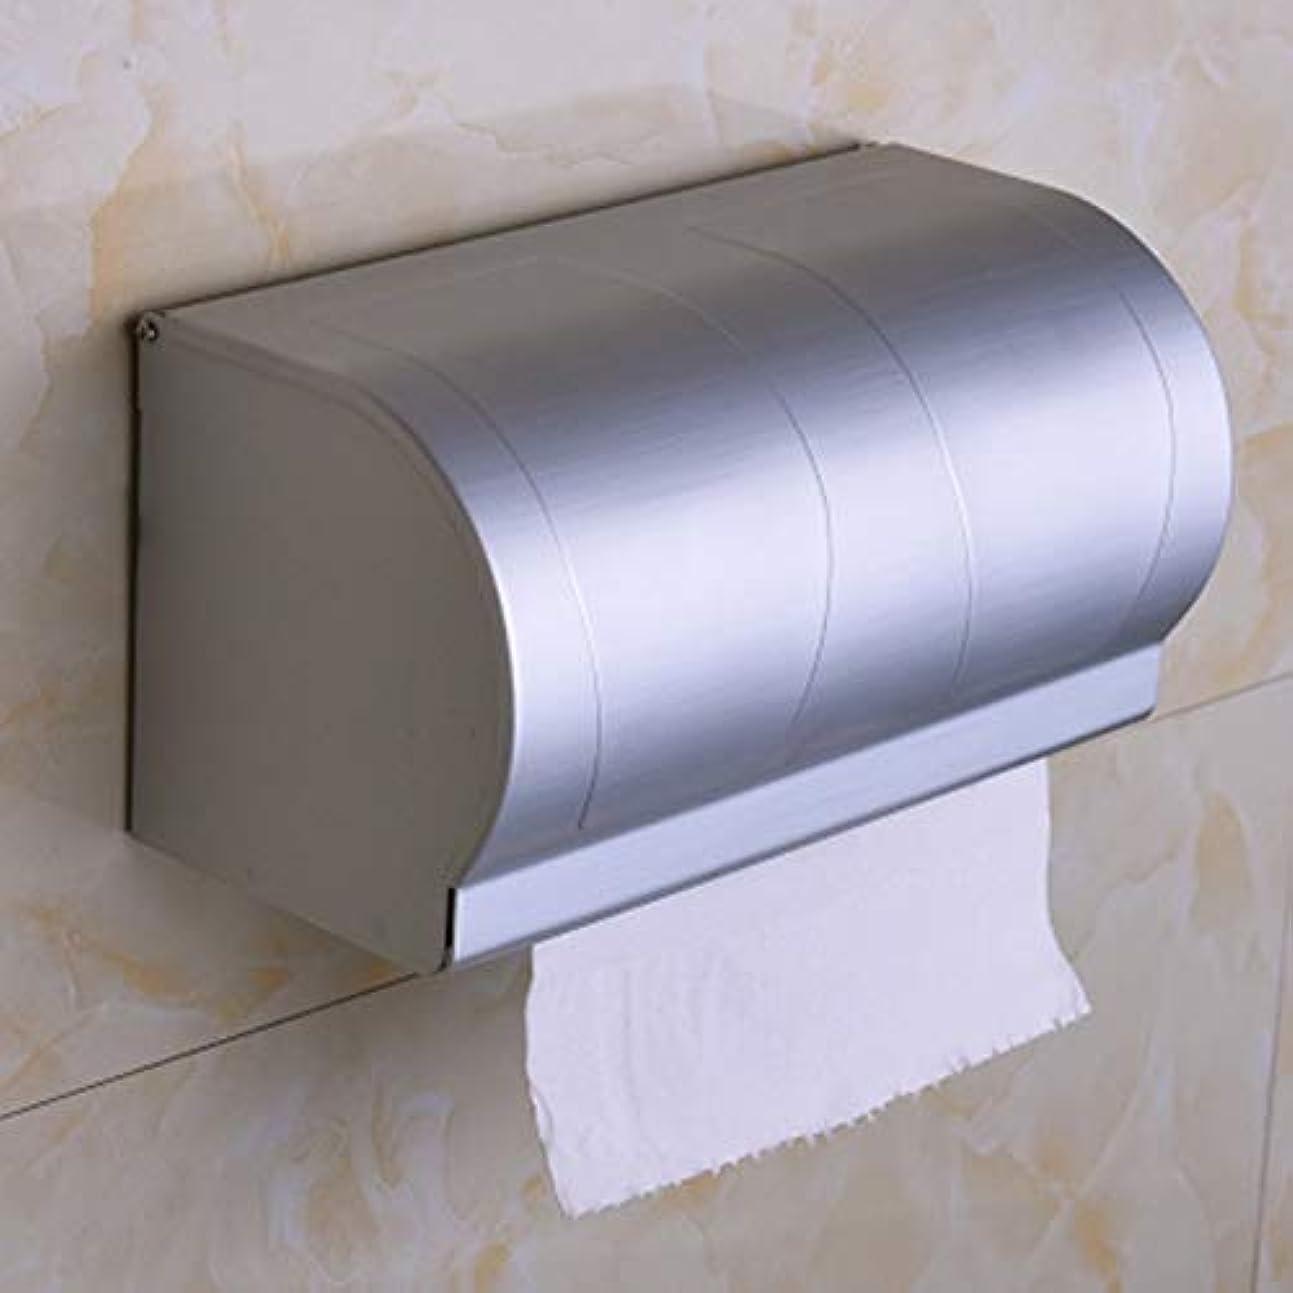 最大批判的に豊かなZZLX 紙タオルホルダー、宇宙アルミのバスルームペーパータオルホルダー閉鎖トイレットペーパーホルダー ロングハンドル風呂ブラシ (色 : C)